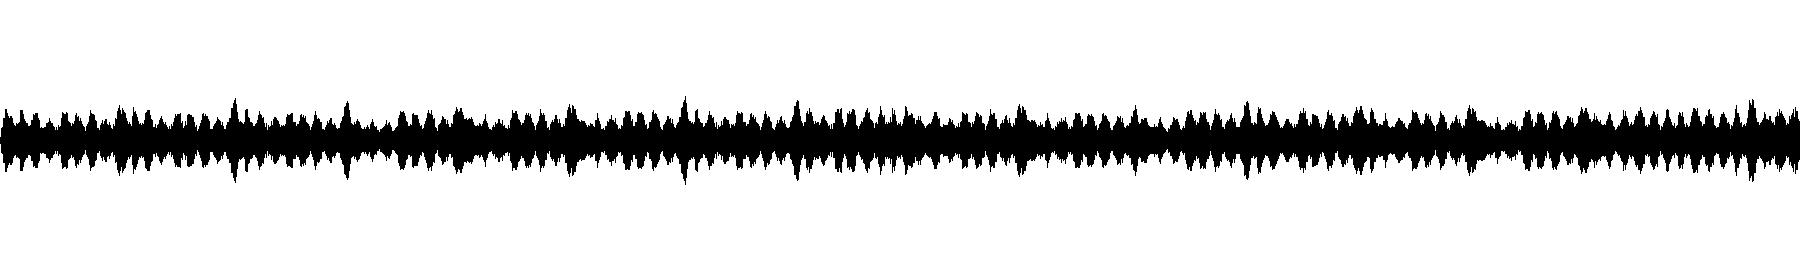 melody 02bpm80keya